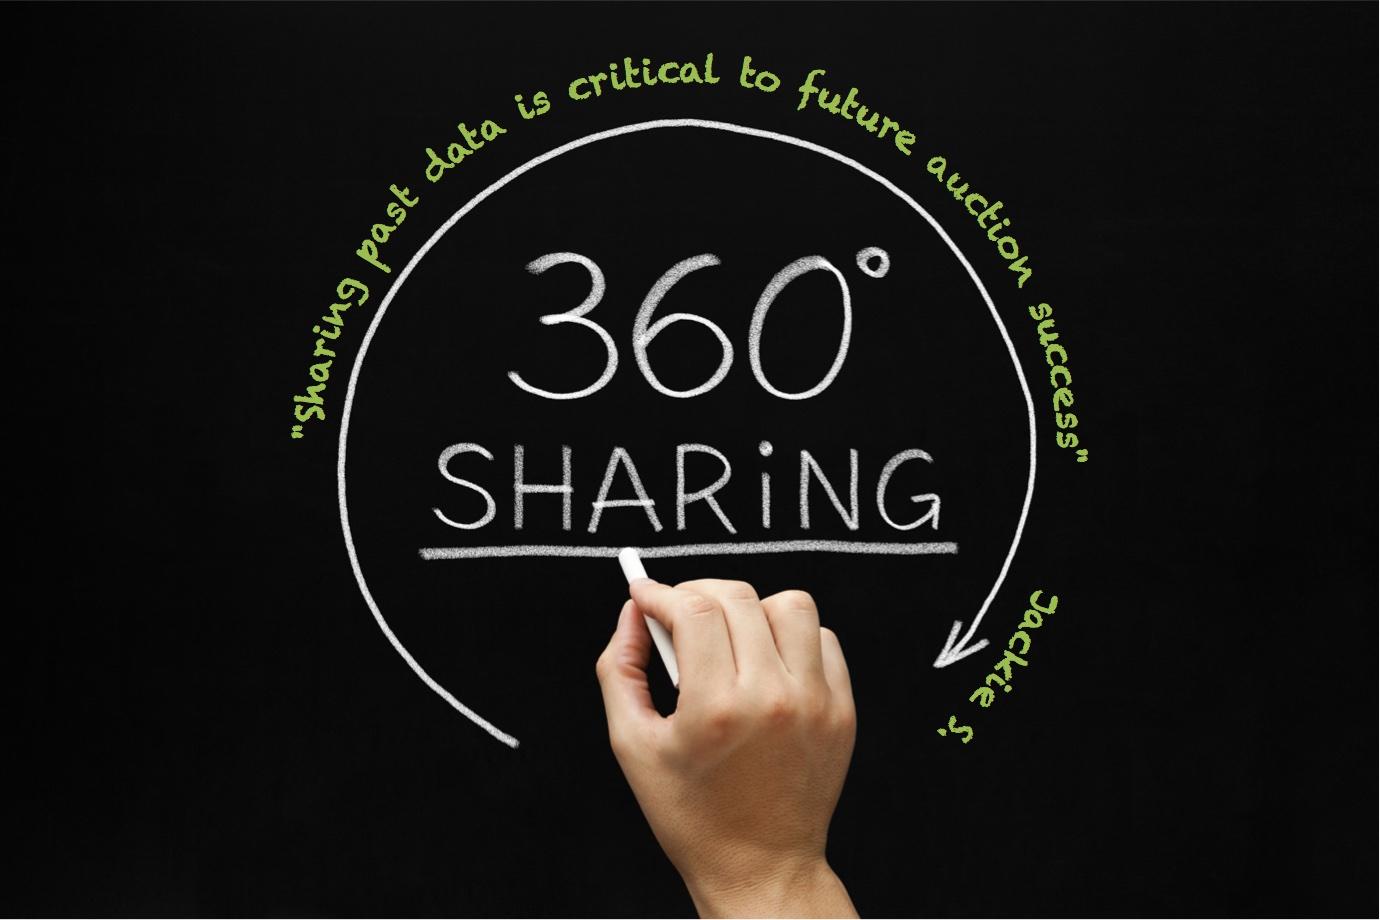 share story 360 jackie s.jpg